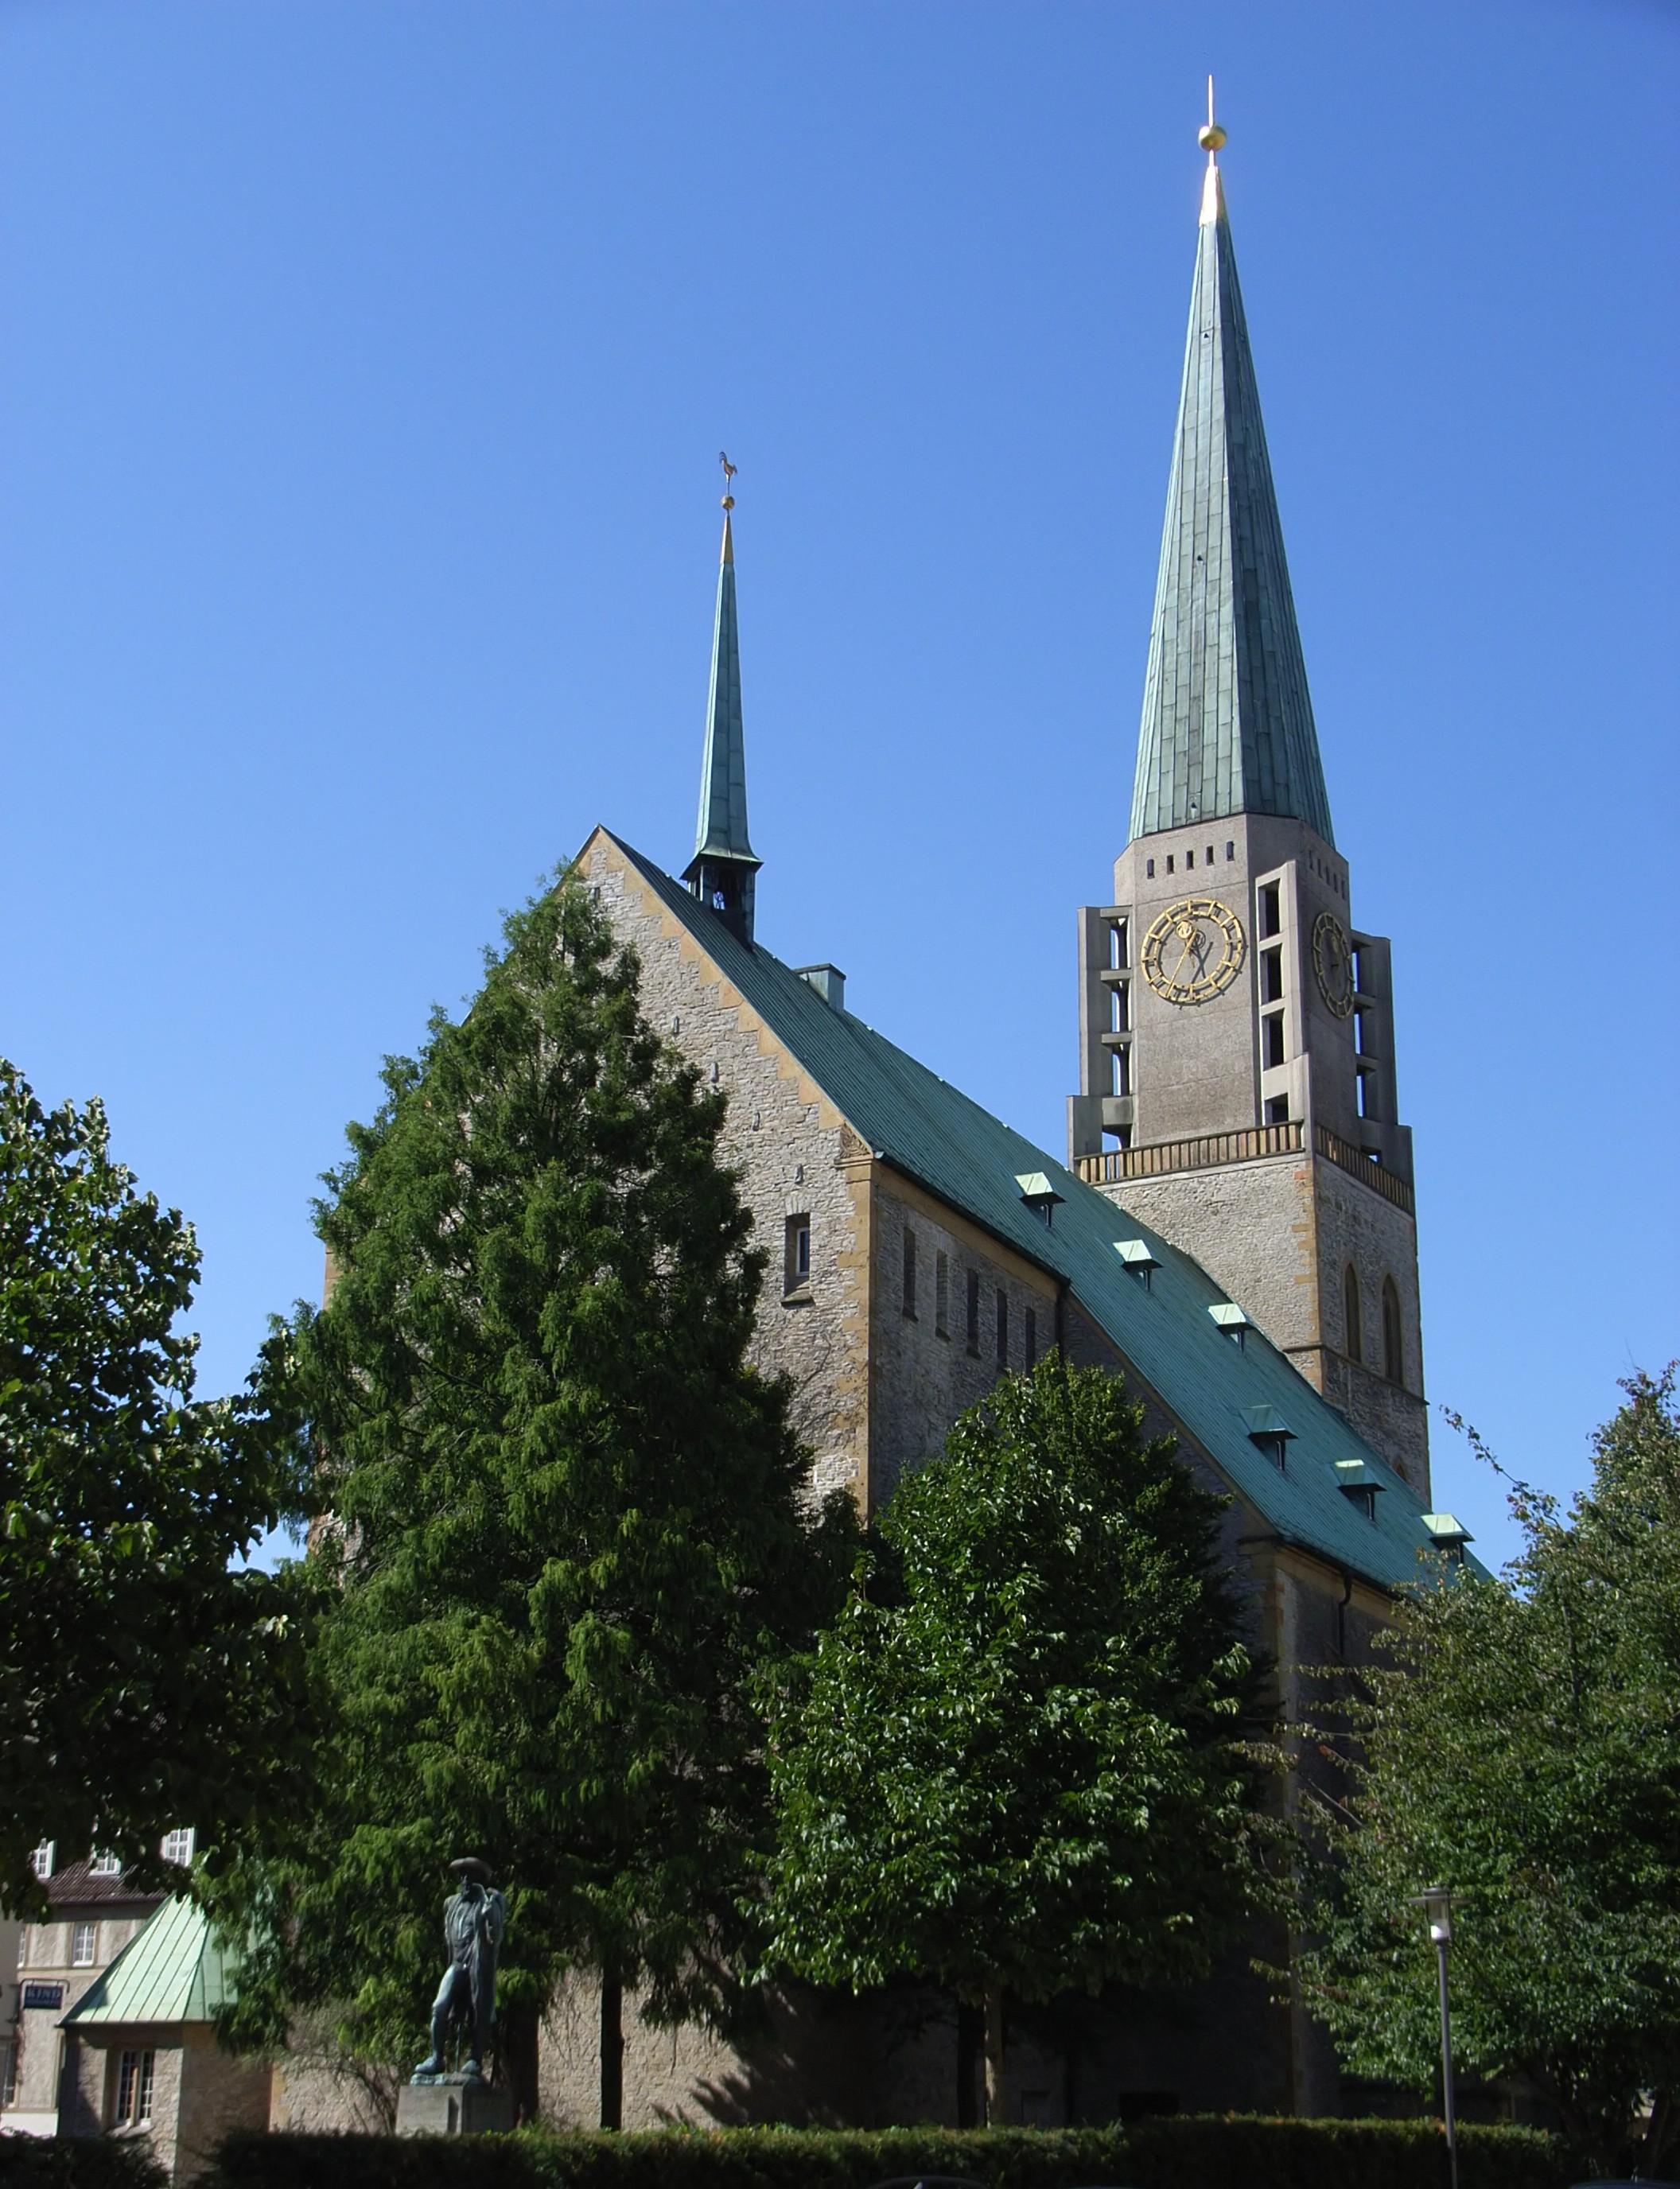 Orthodoxe bielefeld rumänisch kirche Parishes in